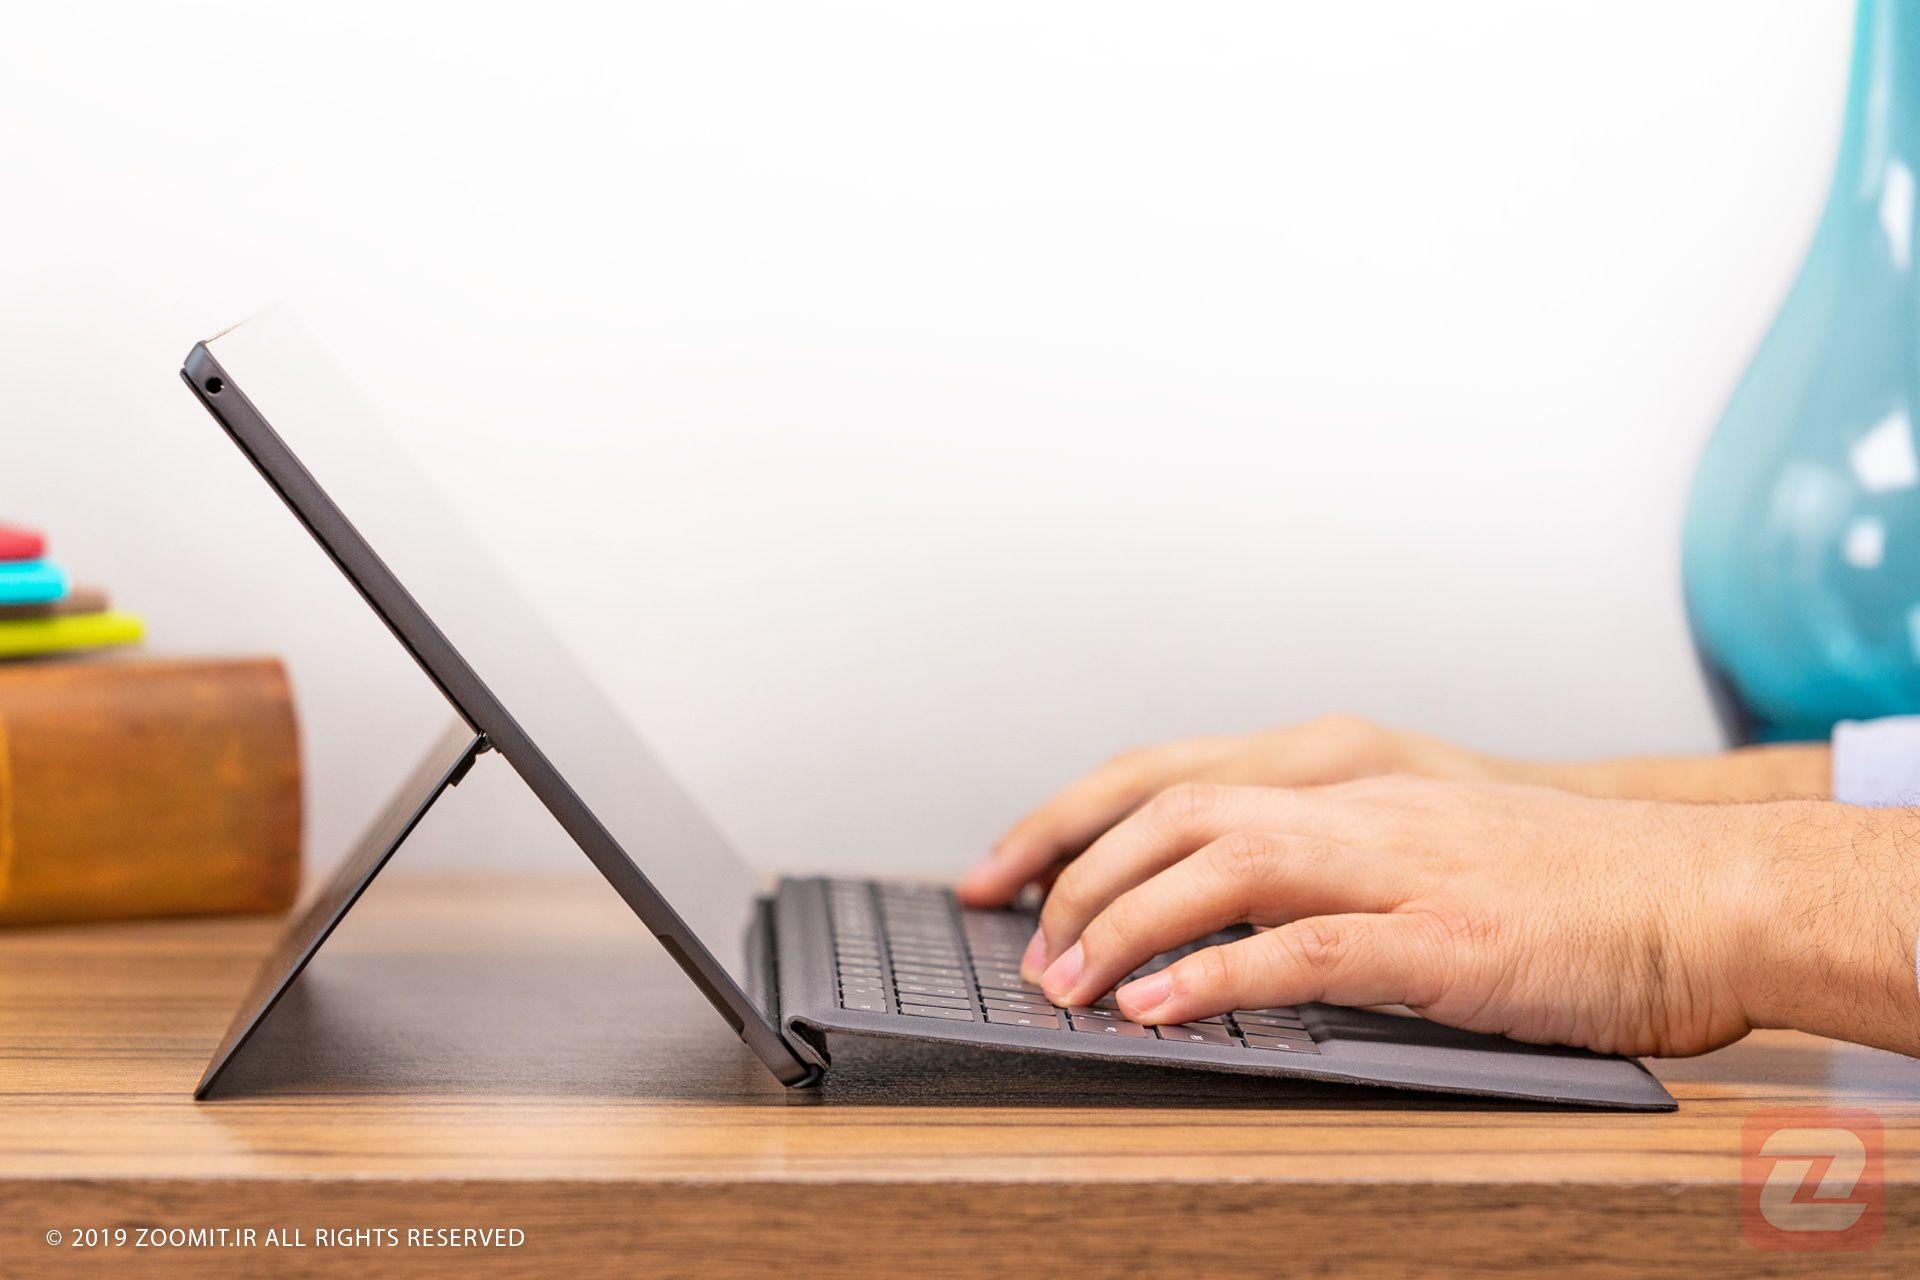 بررسی سرفیس پرو 6 مایکروسافت زومیت Lenovo Ideapad Microsoft Surface Pro Surface Pro